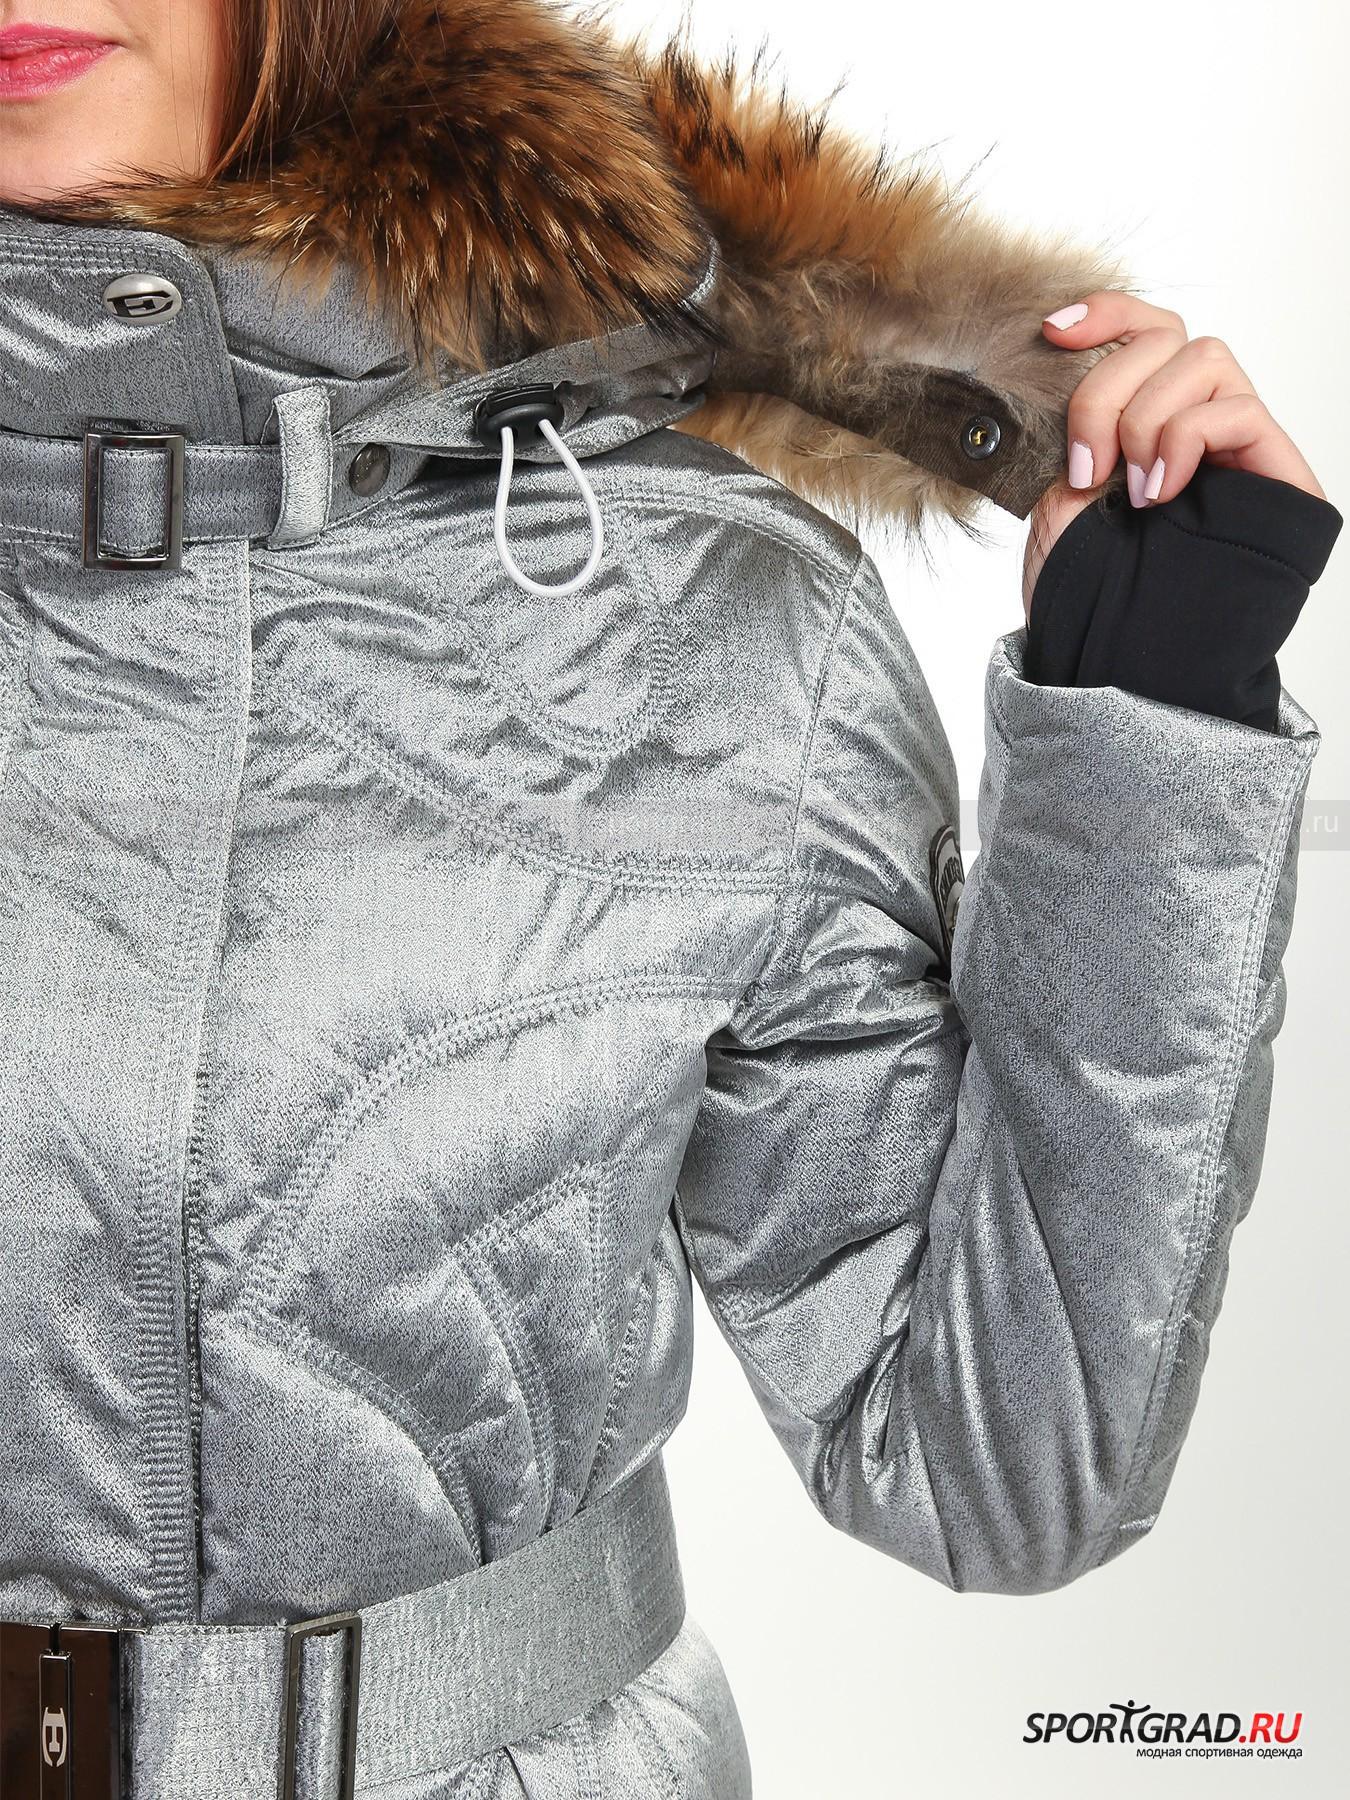 Пальто пуховое женское JOY/PJ EMMEGY от Спортград